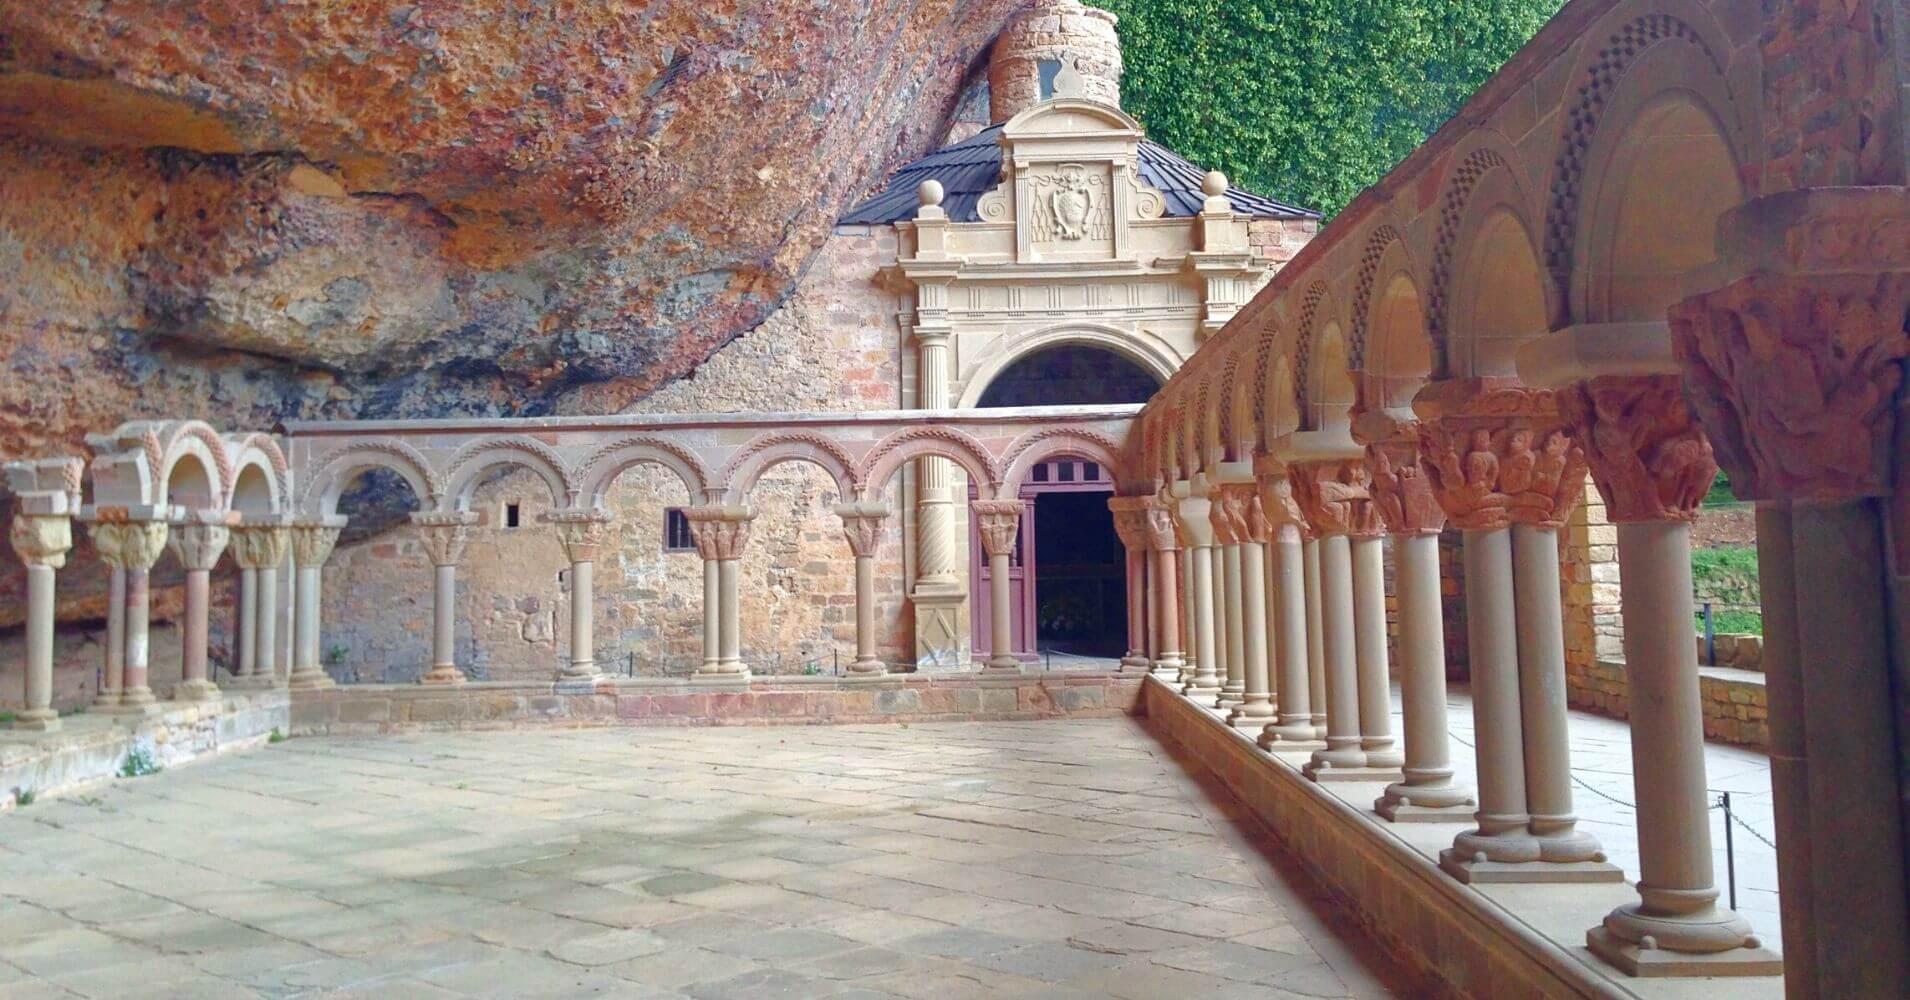 Monasterio de San Juan de la Peña. Jaca, Huesca. Aragón.